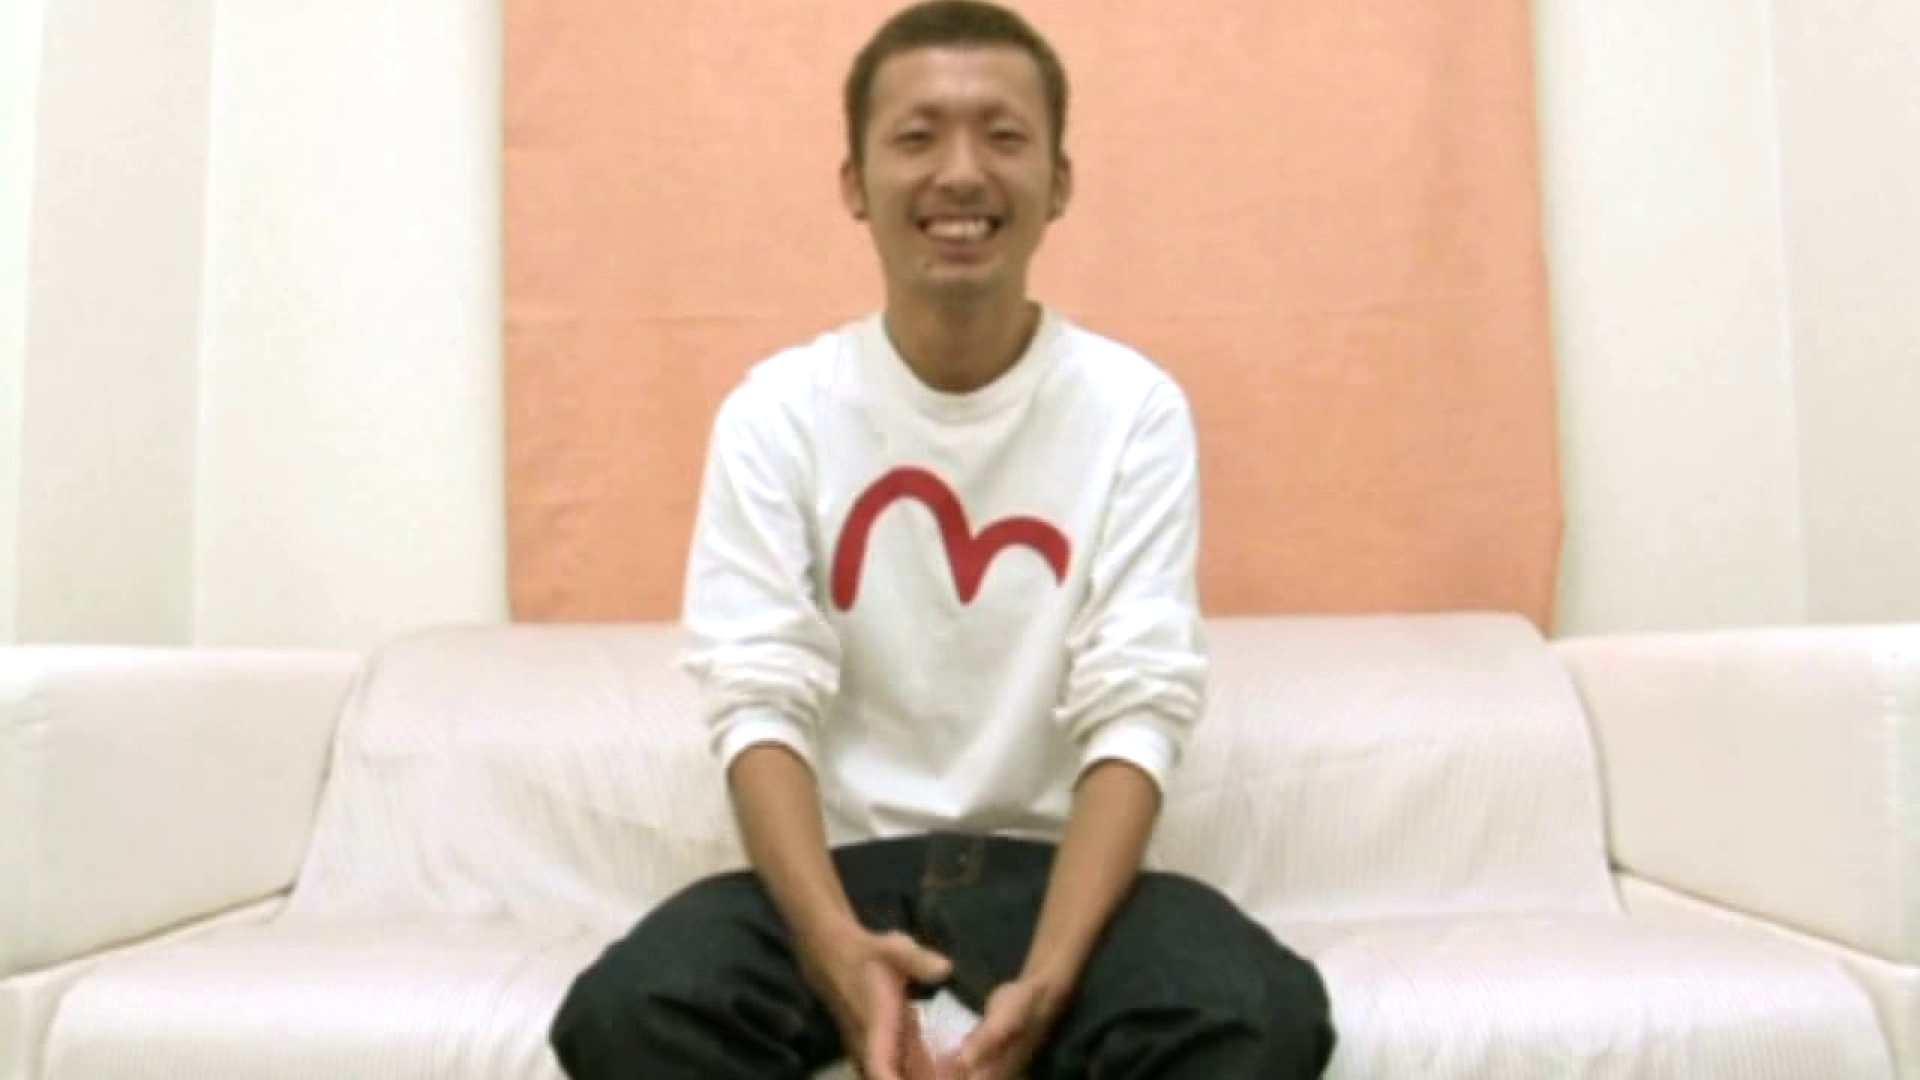 ノンケ!自慰スタジオ No.11 オナニー   自慰シーン アダルトビデオ画像キャプチャ 110枚 50